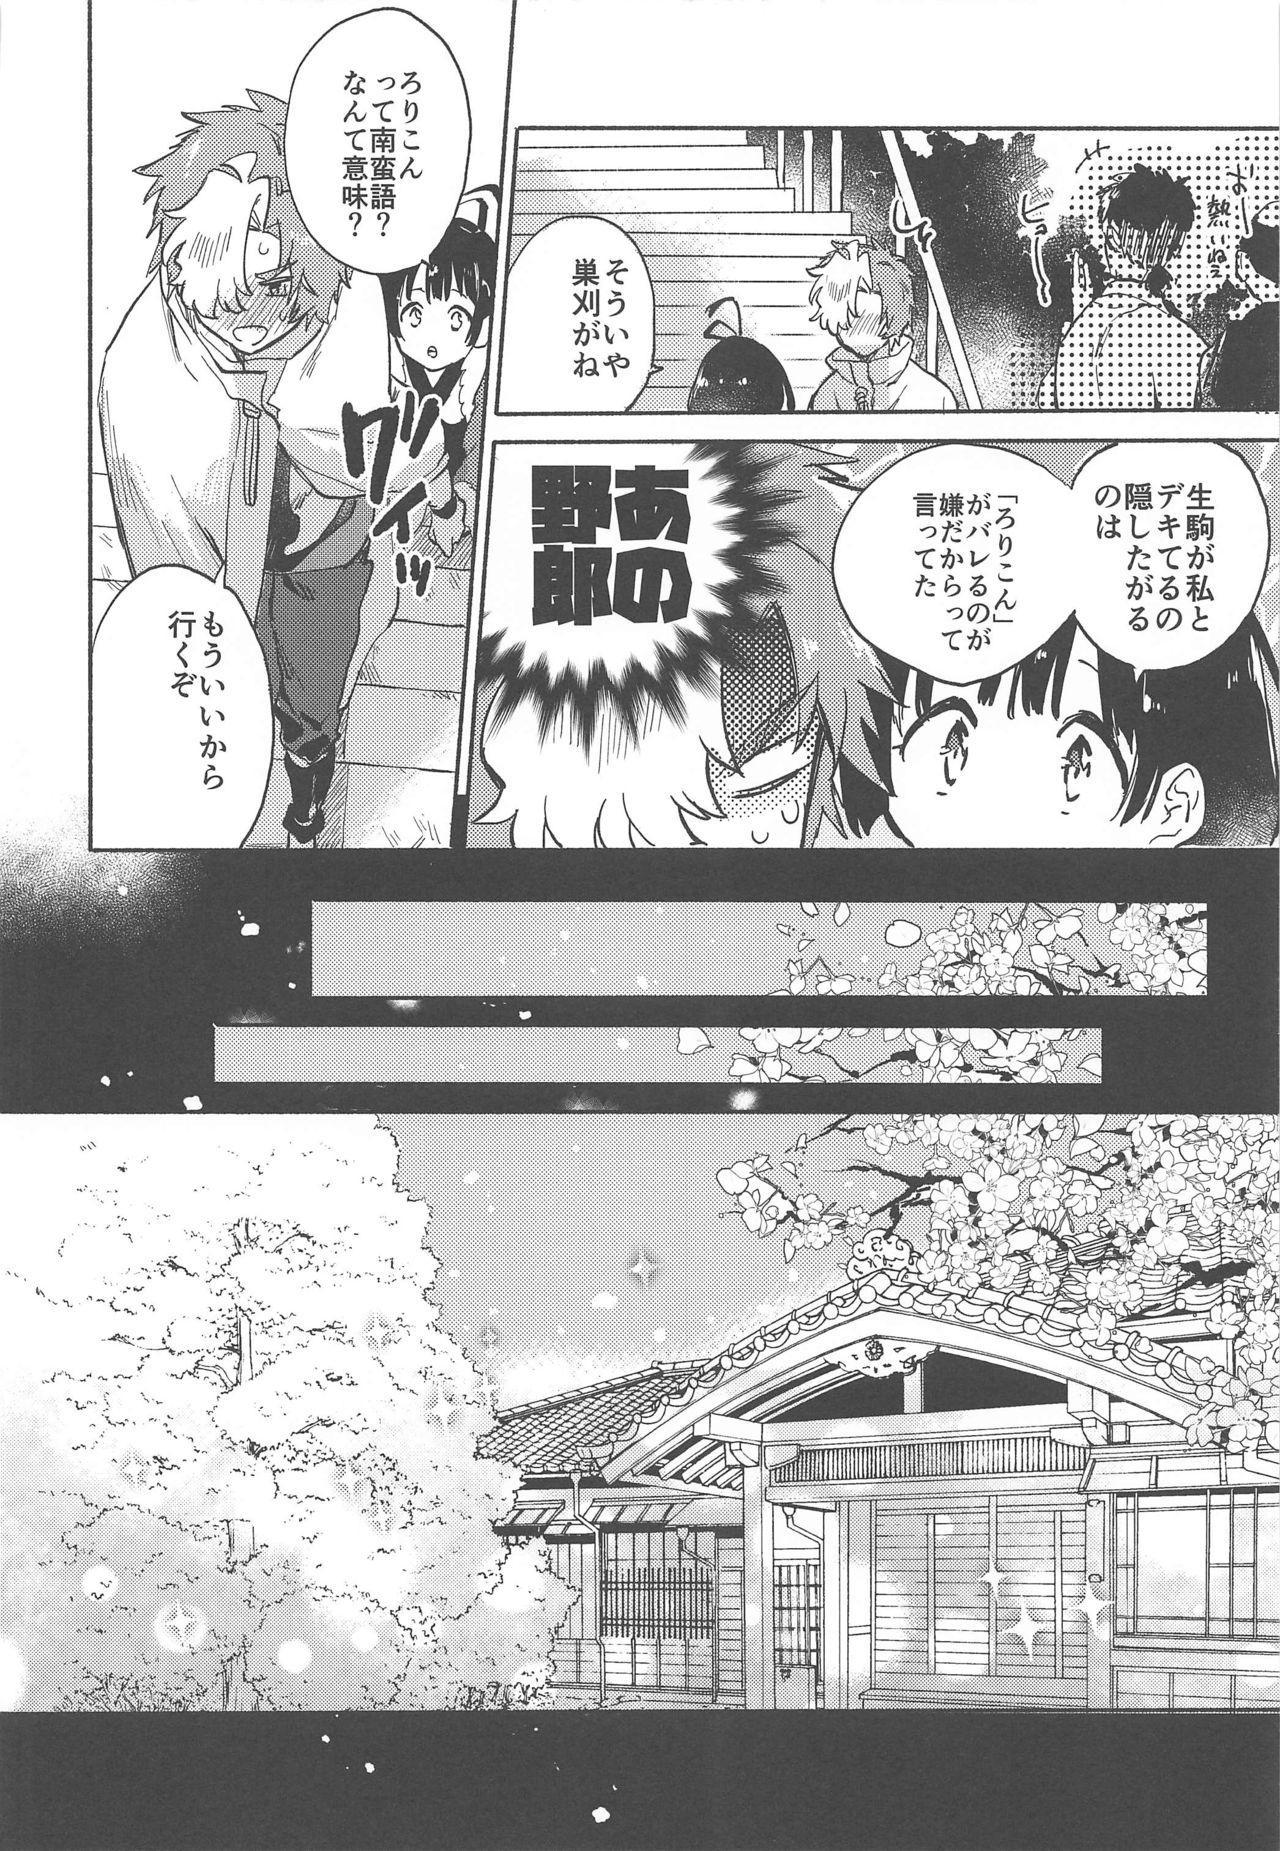 Unato Yukimi Onsen Ikomume Ichaicha Ippakufutsuka no Tabi 6